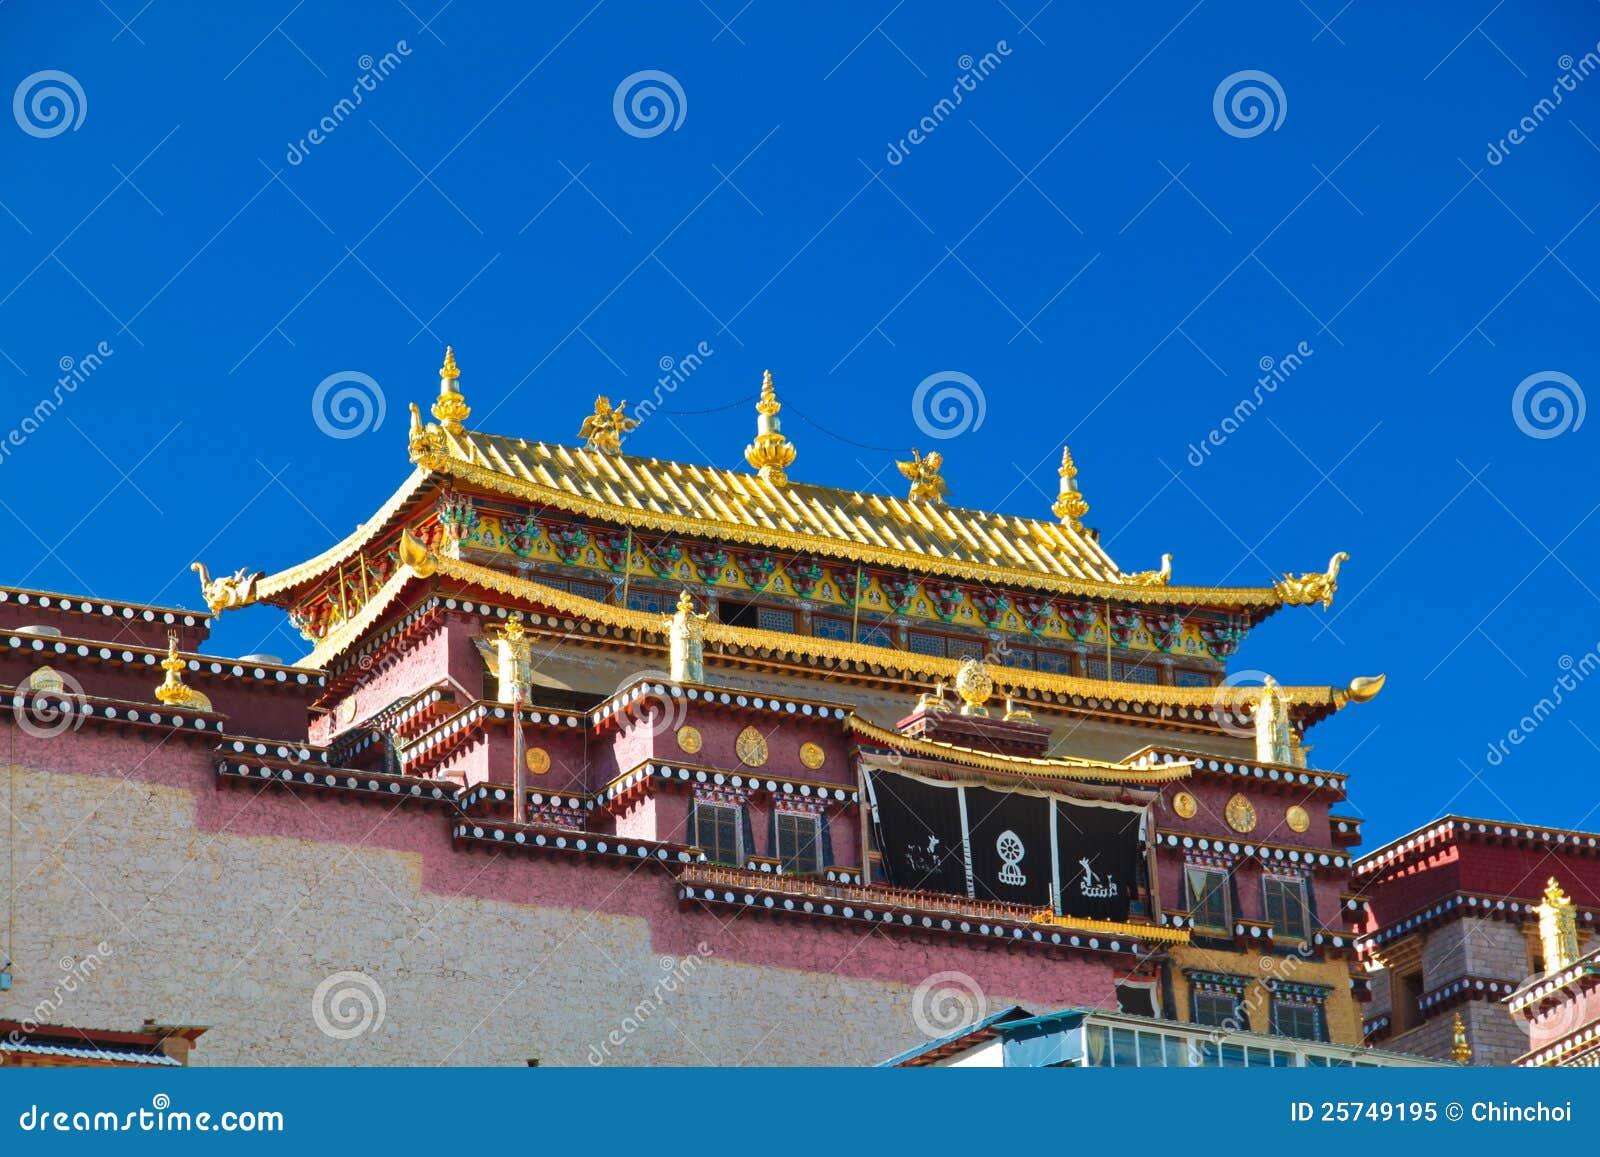 Songzanlin Monastery at Shangr-la, Yunnan China